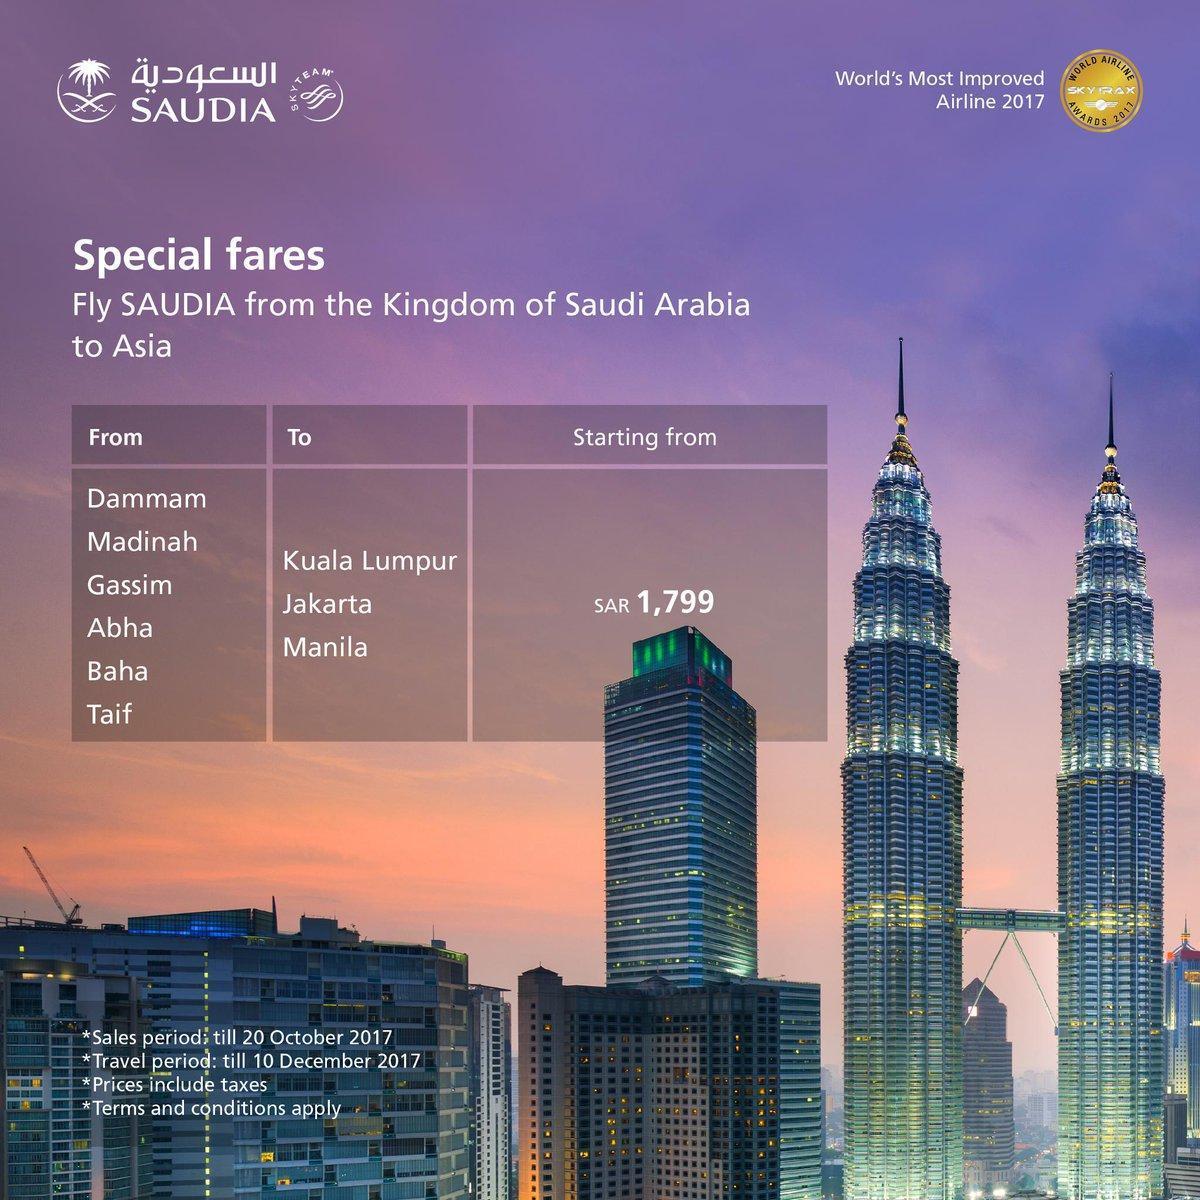 السعودية Saudia No Twitter أهلا ضيفنا العزيز لخدمتك نأمل منك التواصل مع مركز خدمات التذاكر الحكومية 920000488 لنتمكن من مساعدتك شكرا لتواصلك